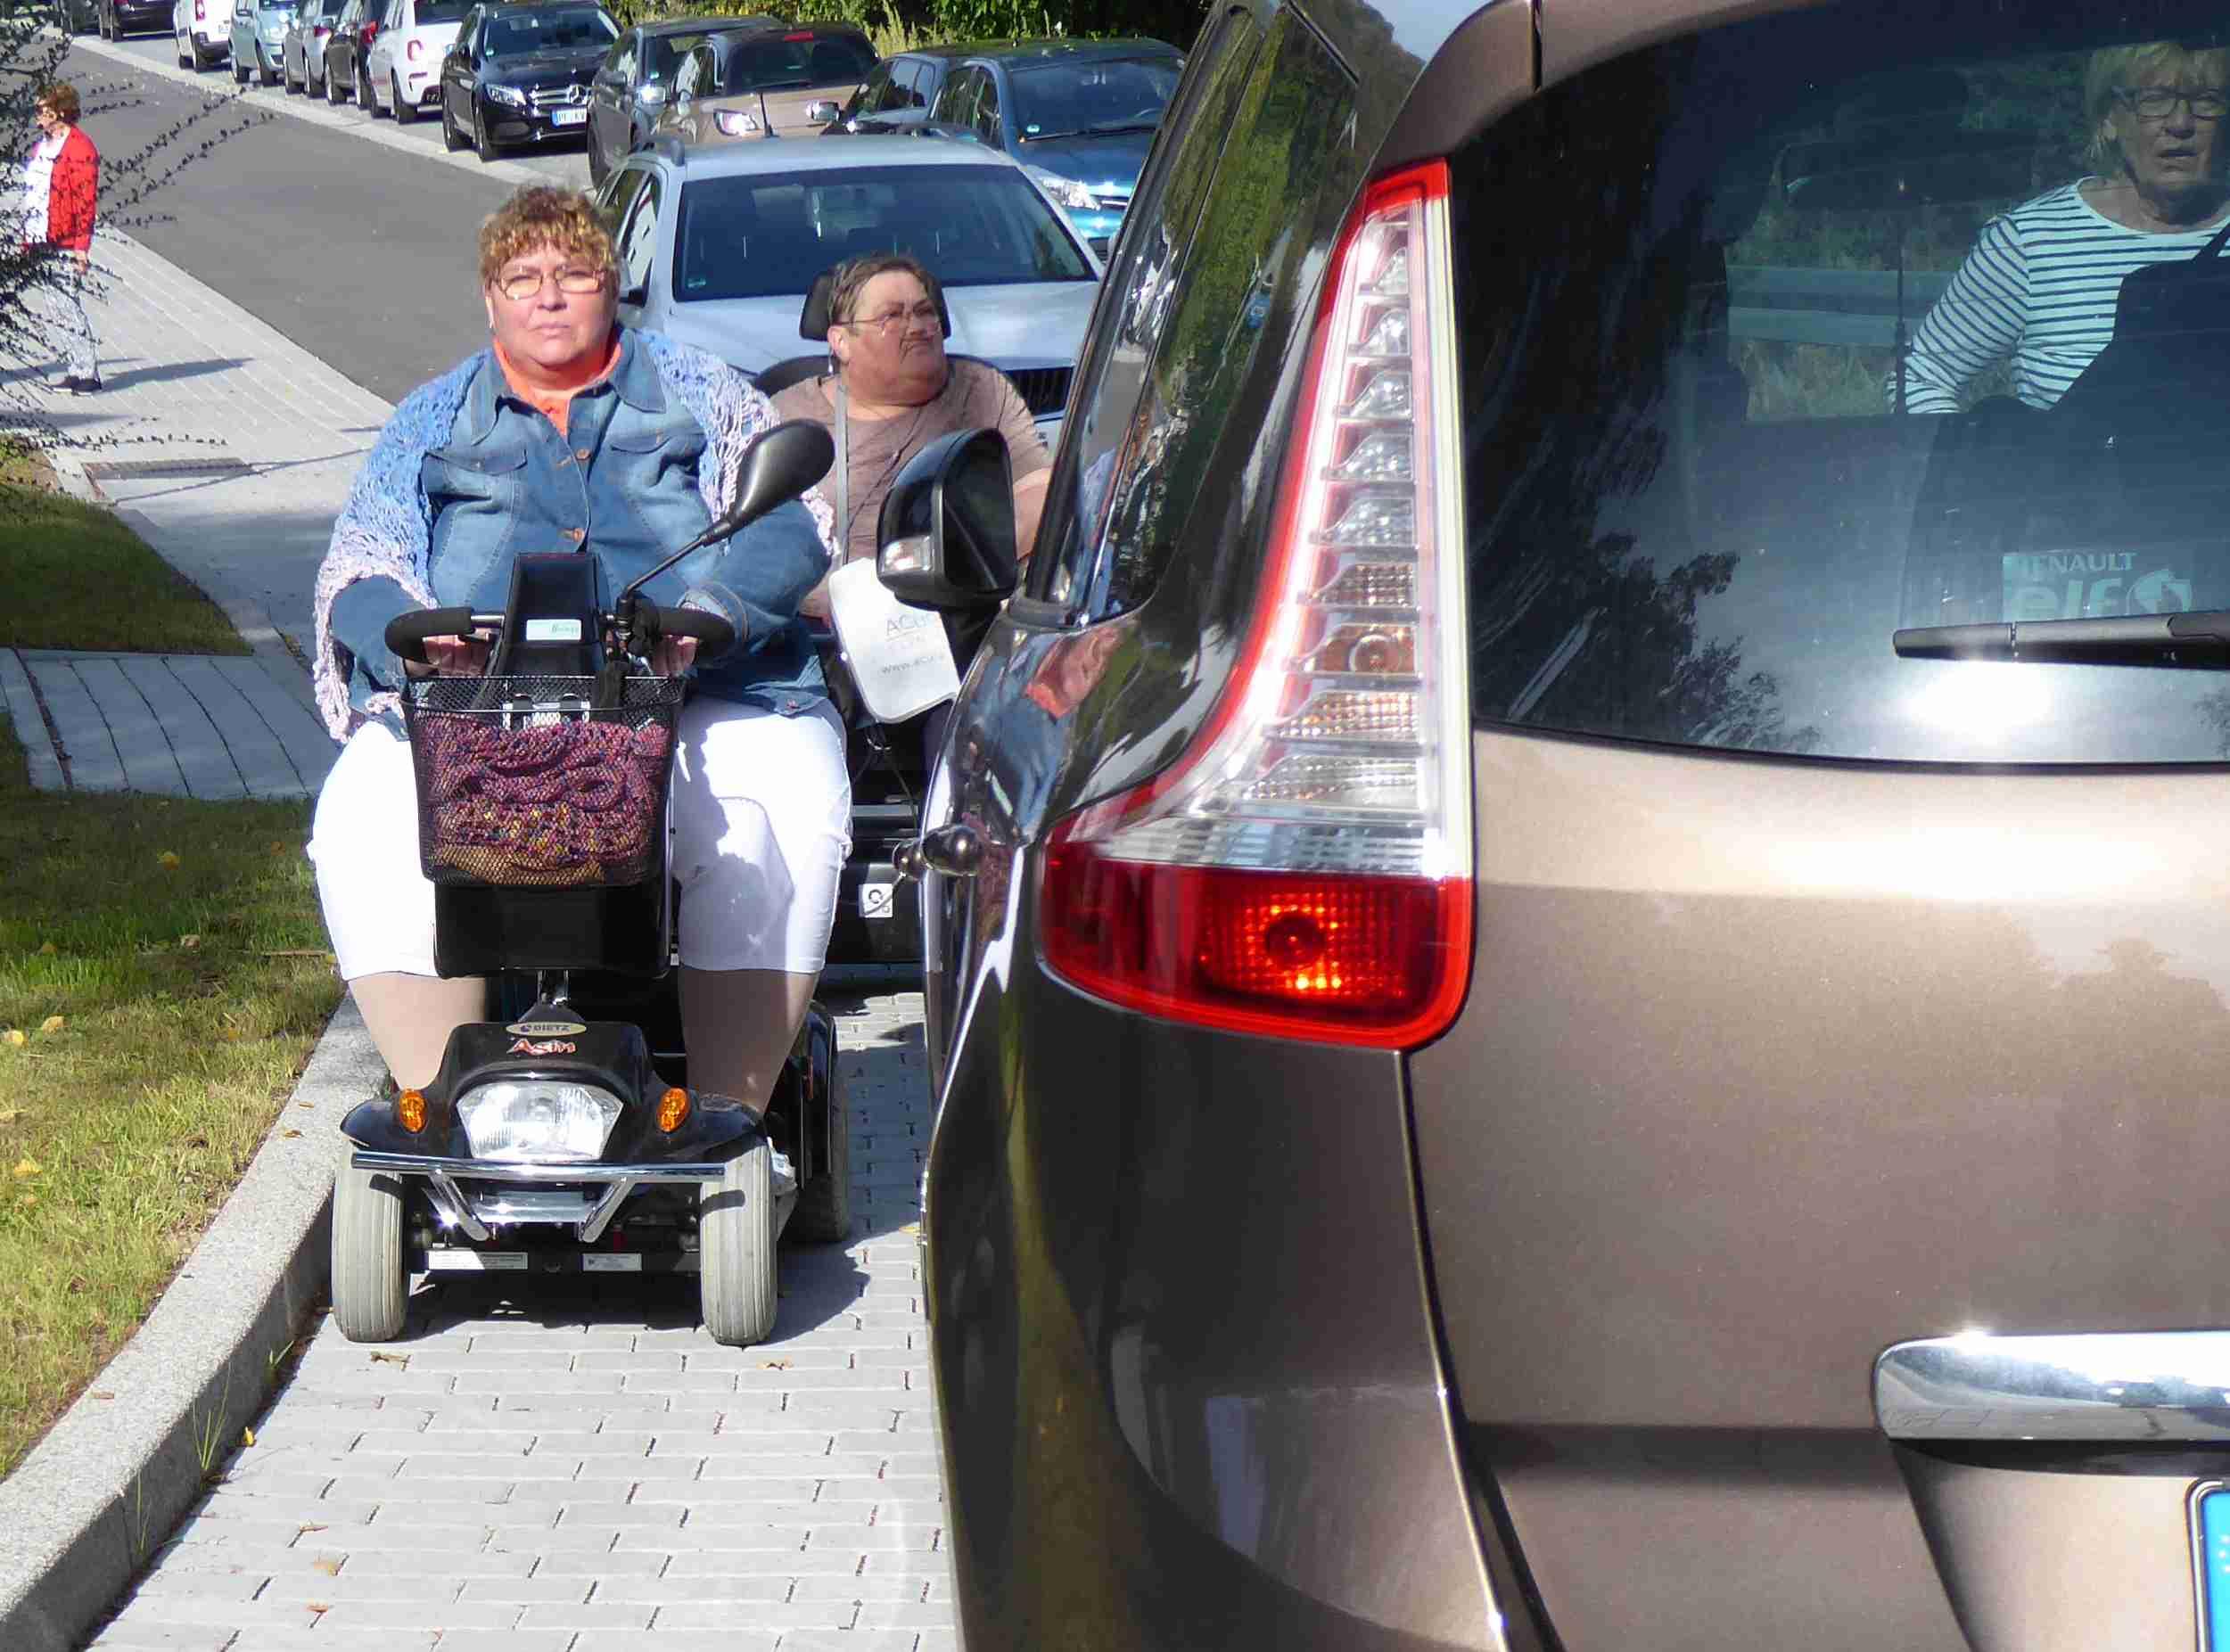 Einer Rollstuhlfahrerin ist es fast unmöglich auf dem Bürgersteig zwischen Kante und geparktem Auto durchzufahren.